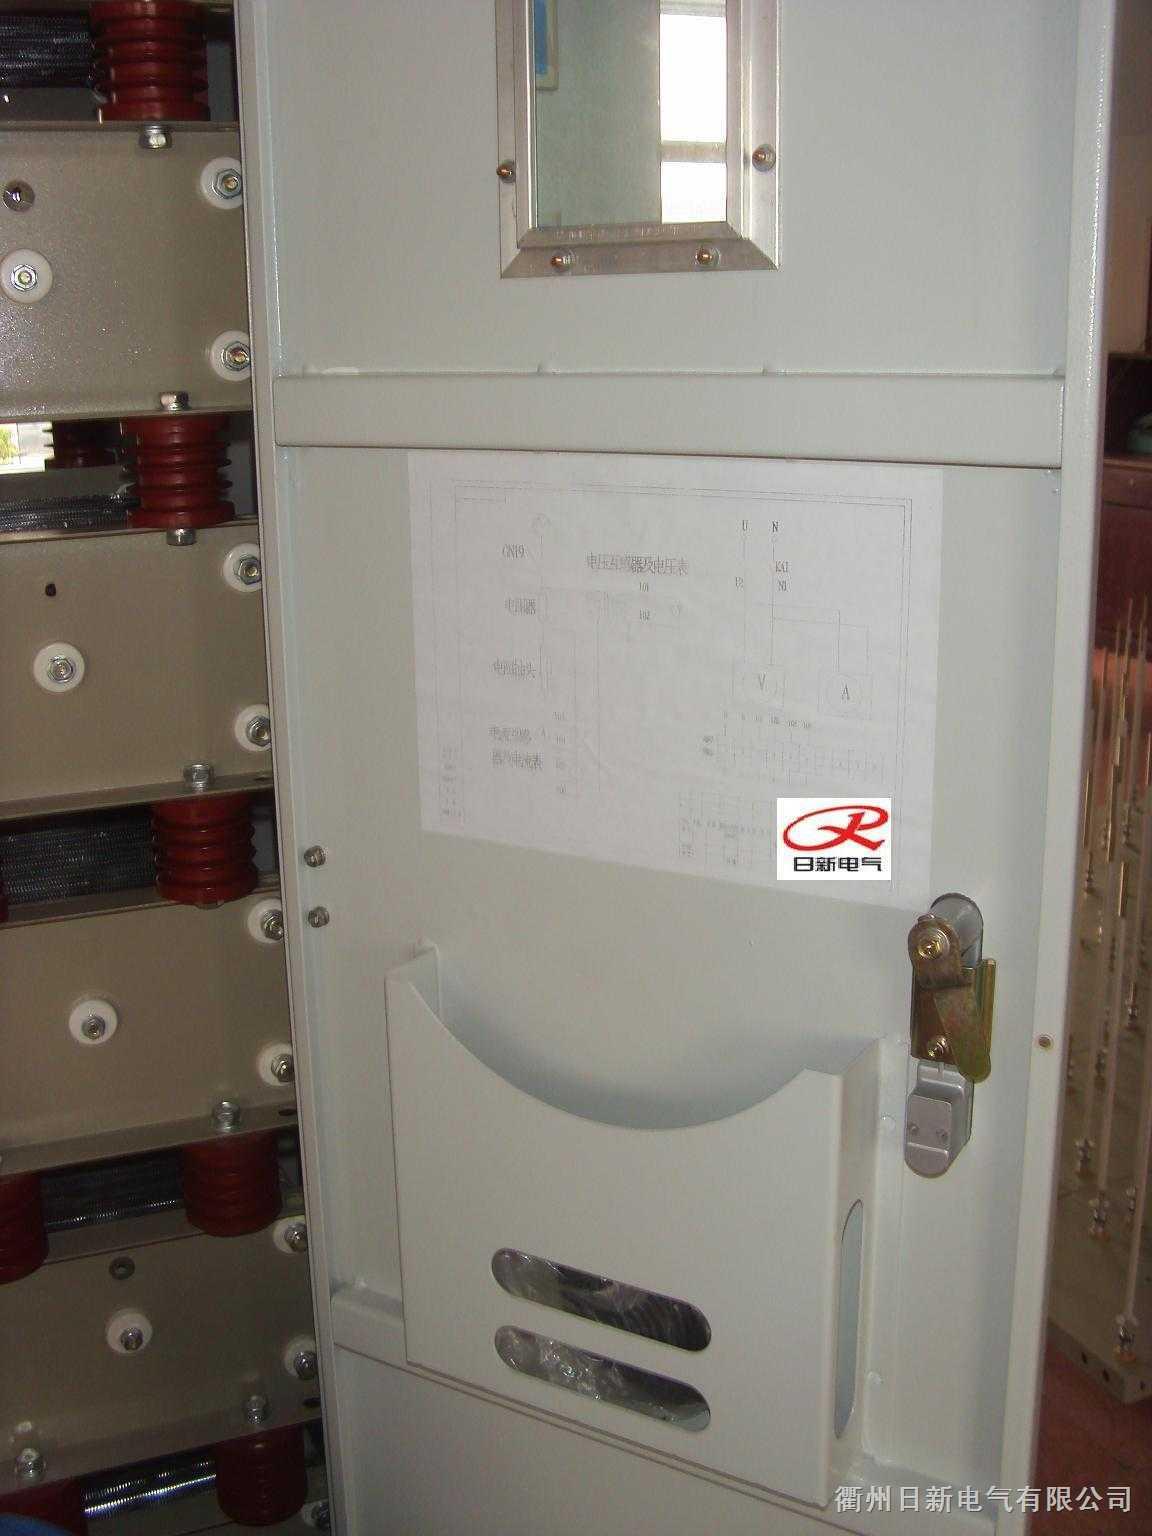 210kv高压电缆的接线端子